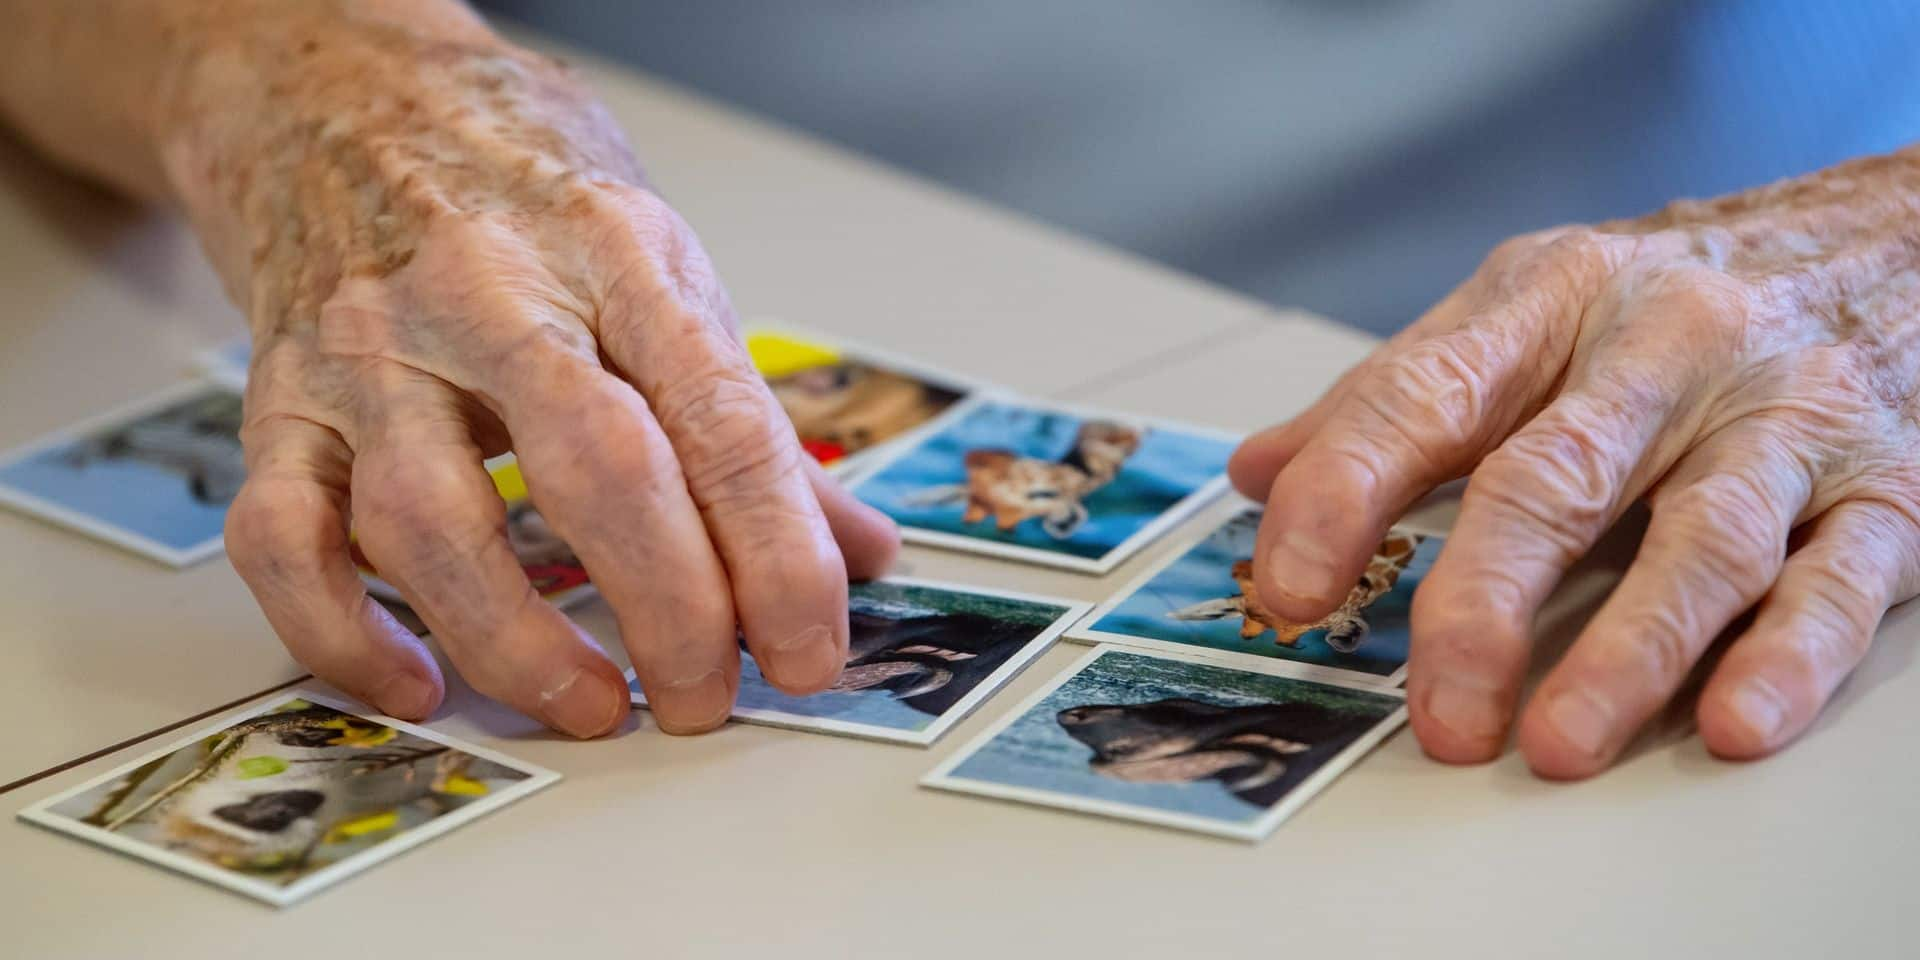 En analysant la façon d'écrire d'un groupe de personnes, des chercheurs ont prédit qui allait développer la maladie d'Alzheimer